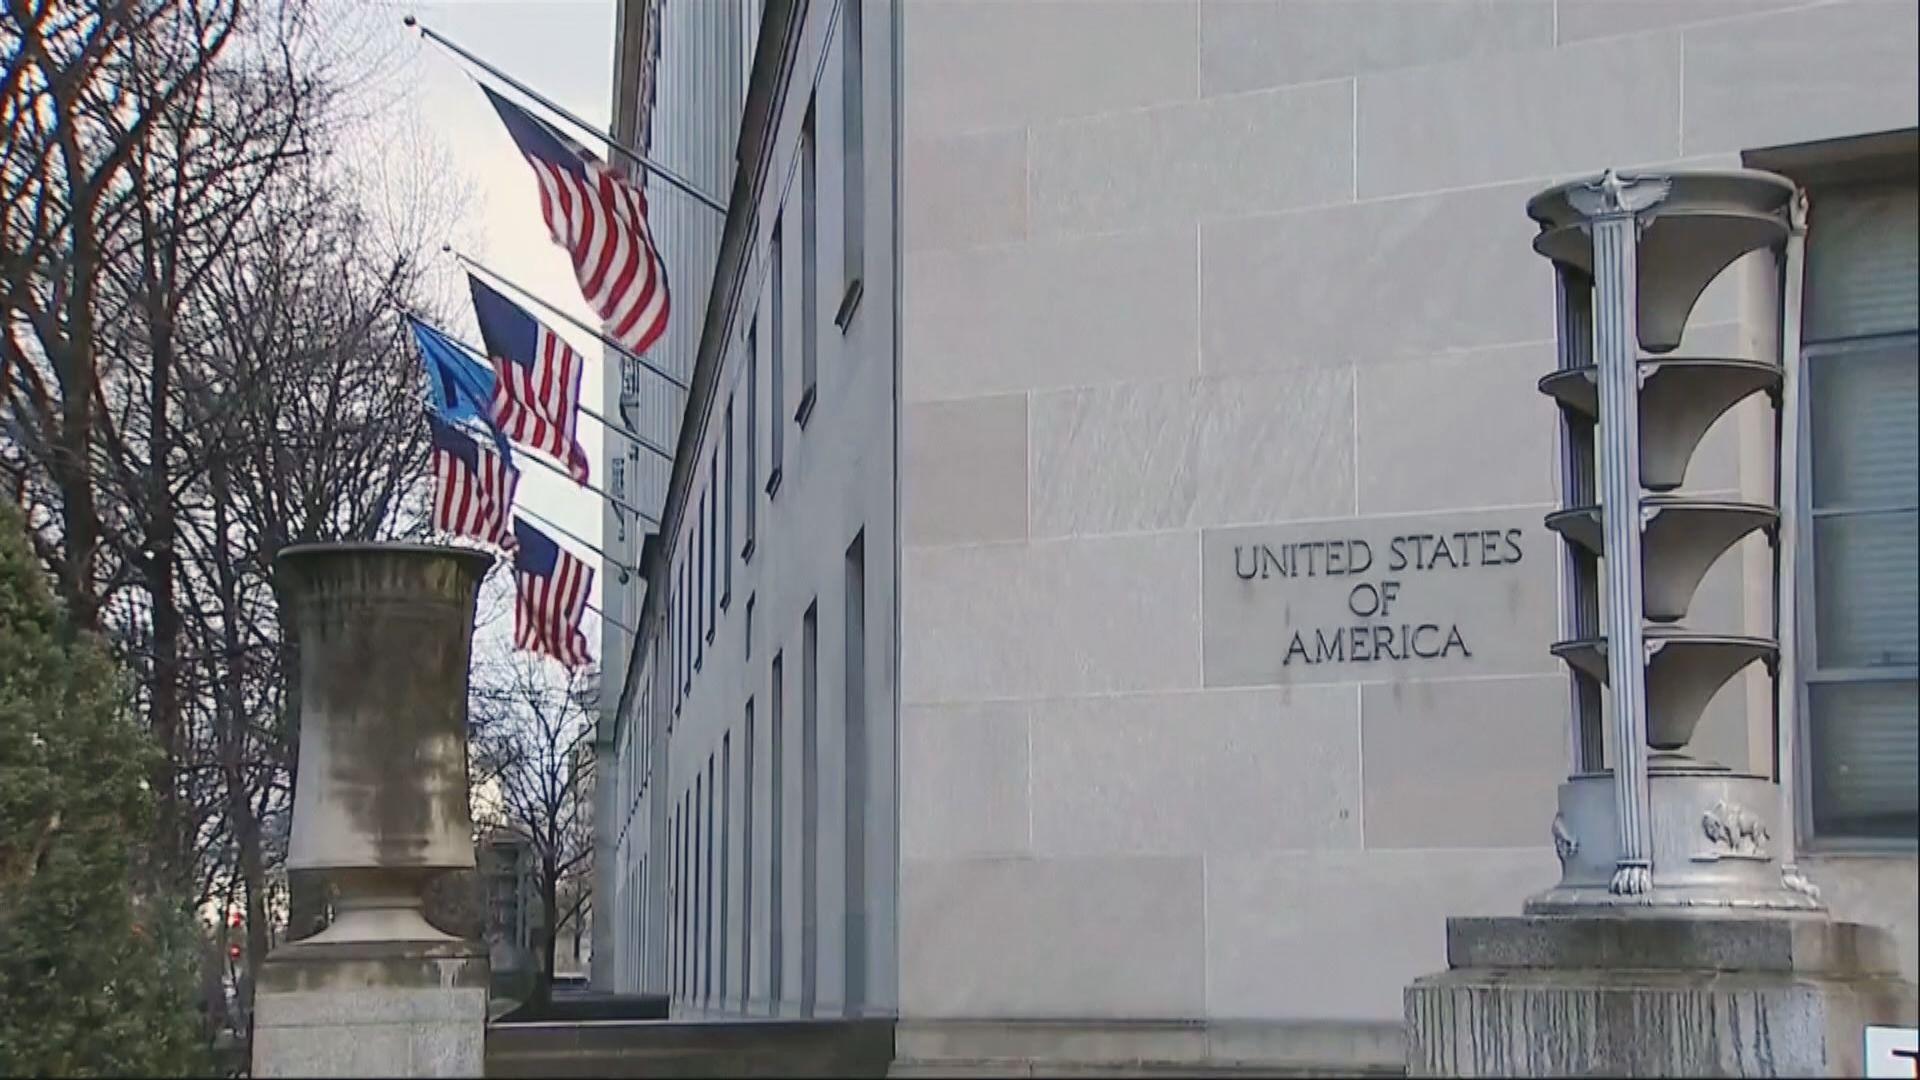 聯邦調查局調查多名持簽證入境人士涉隱瞞解放軍聯繫